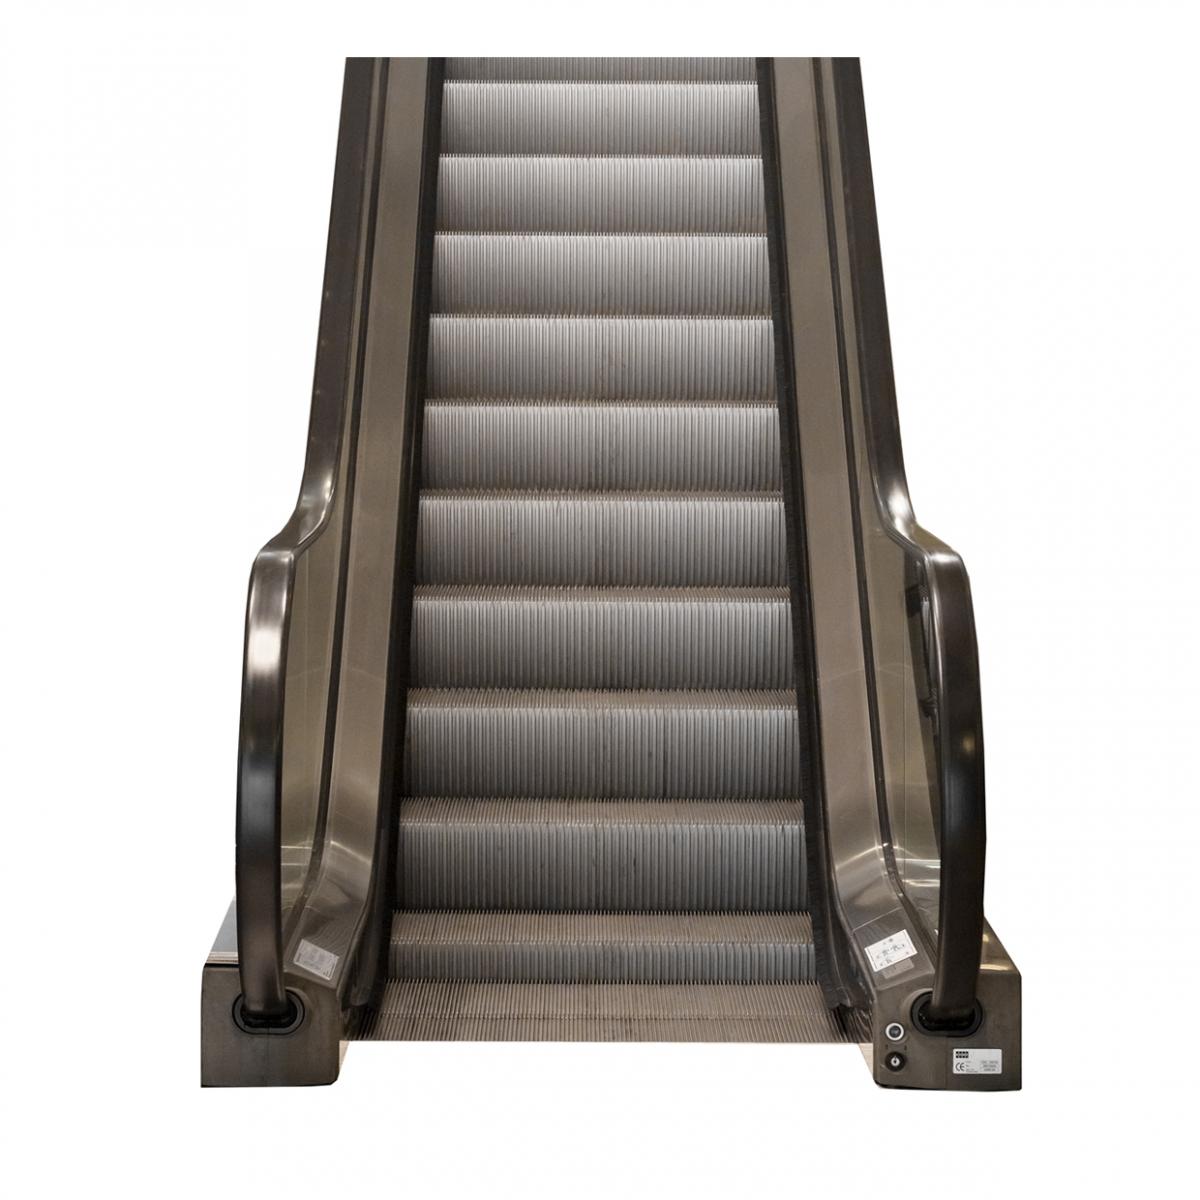 Imagen en la que se ve una escalera mecánica